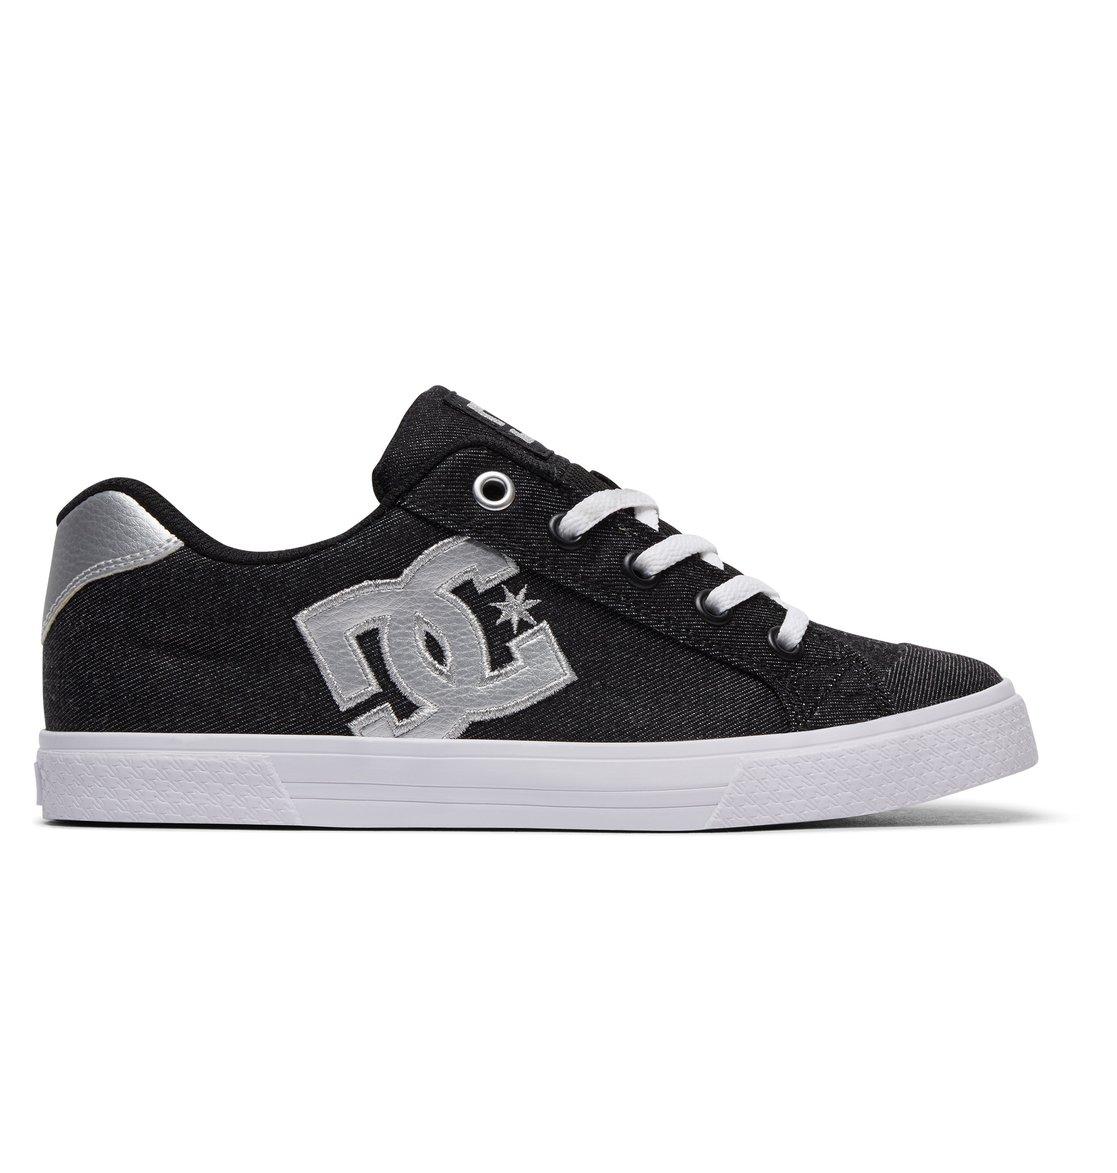 E.Tribeka LE - Chaussures en cuir - Noir - DC Shoes